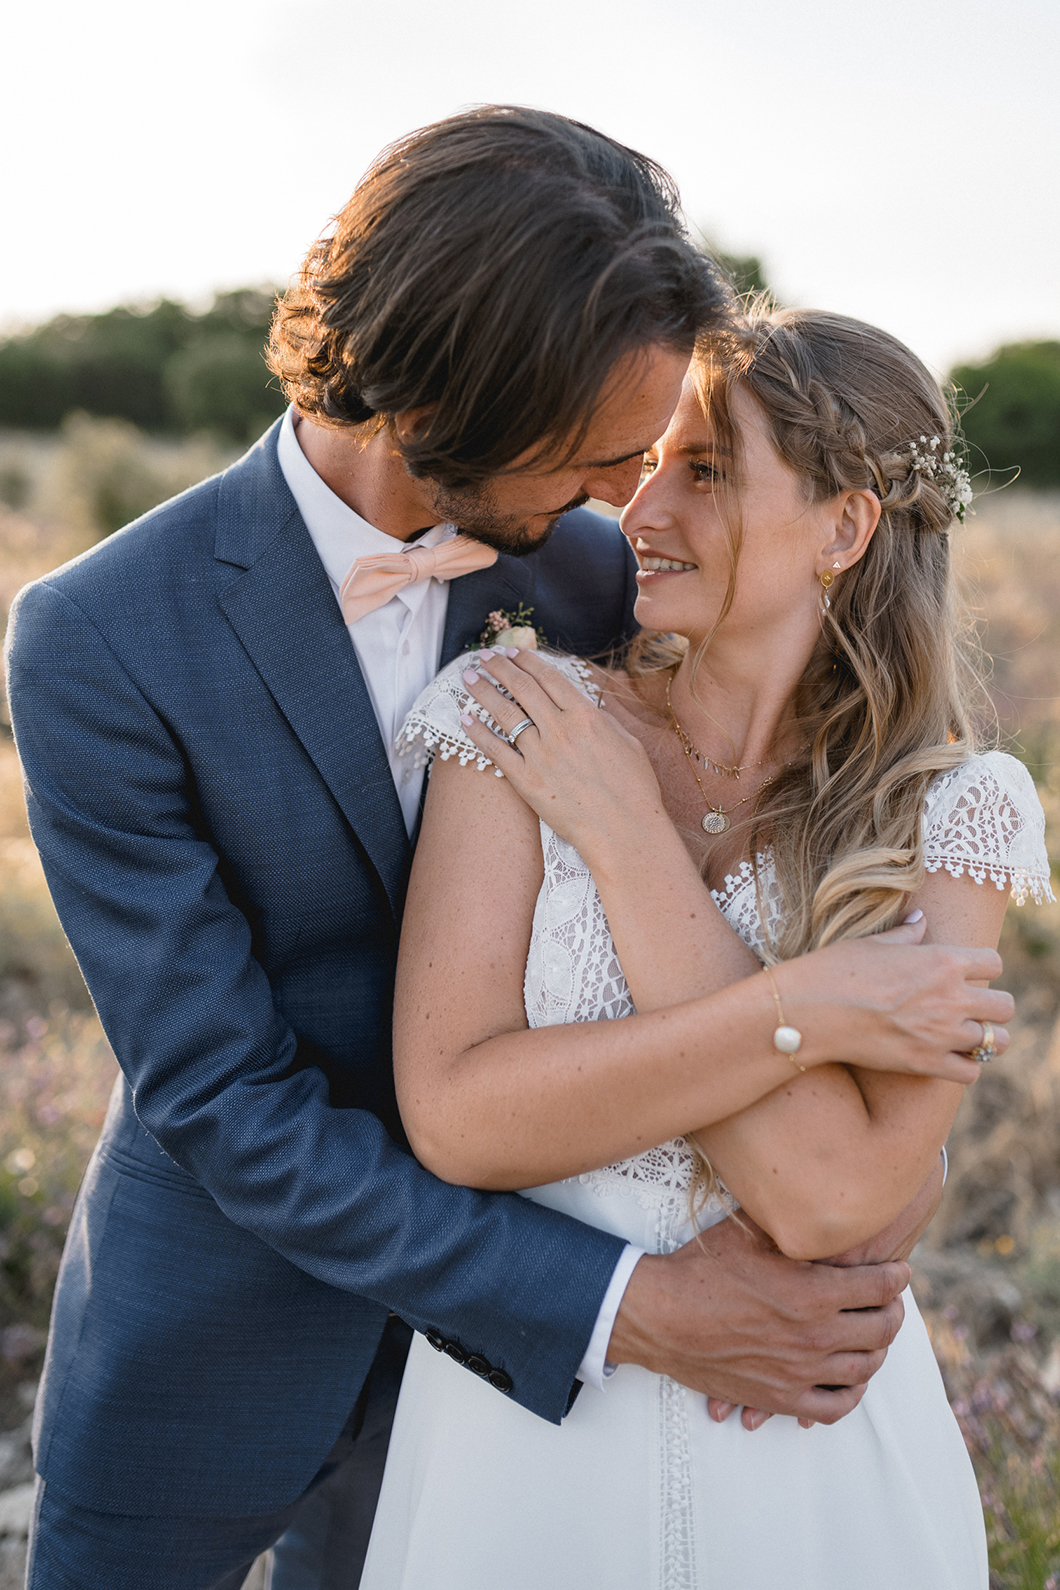 Séance photo des mariés par Alyna Photographe